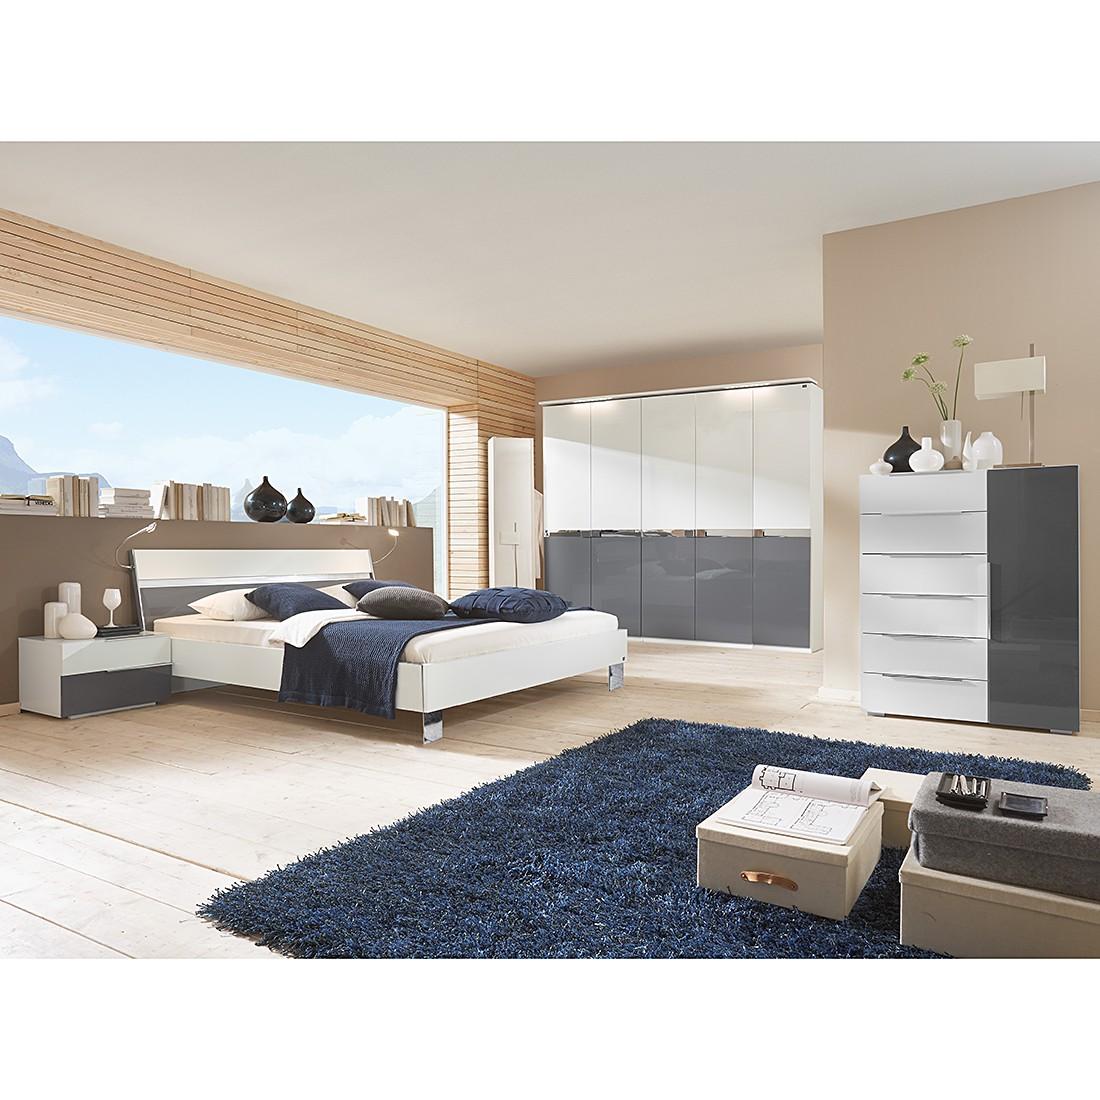 Schlafzimmerset Safe4 (4-teilig) – Alpinweiß/Grau – Bettbreite: 160 cm + Schrank 4trg., fresh to go bestellen